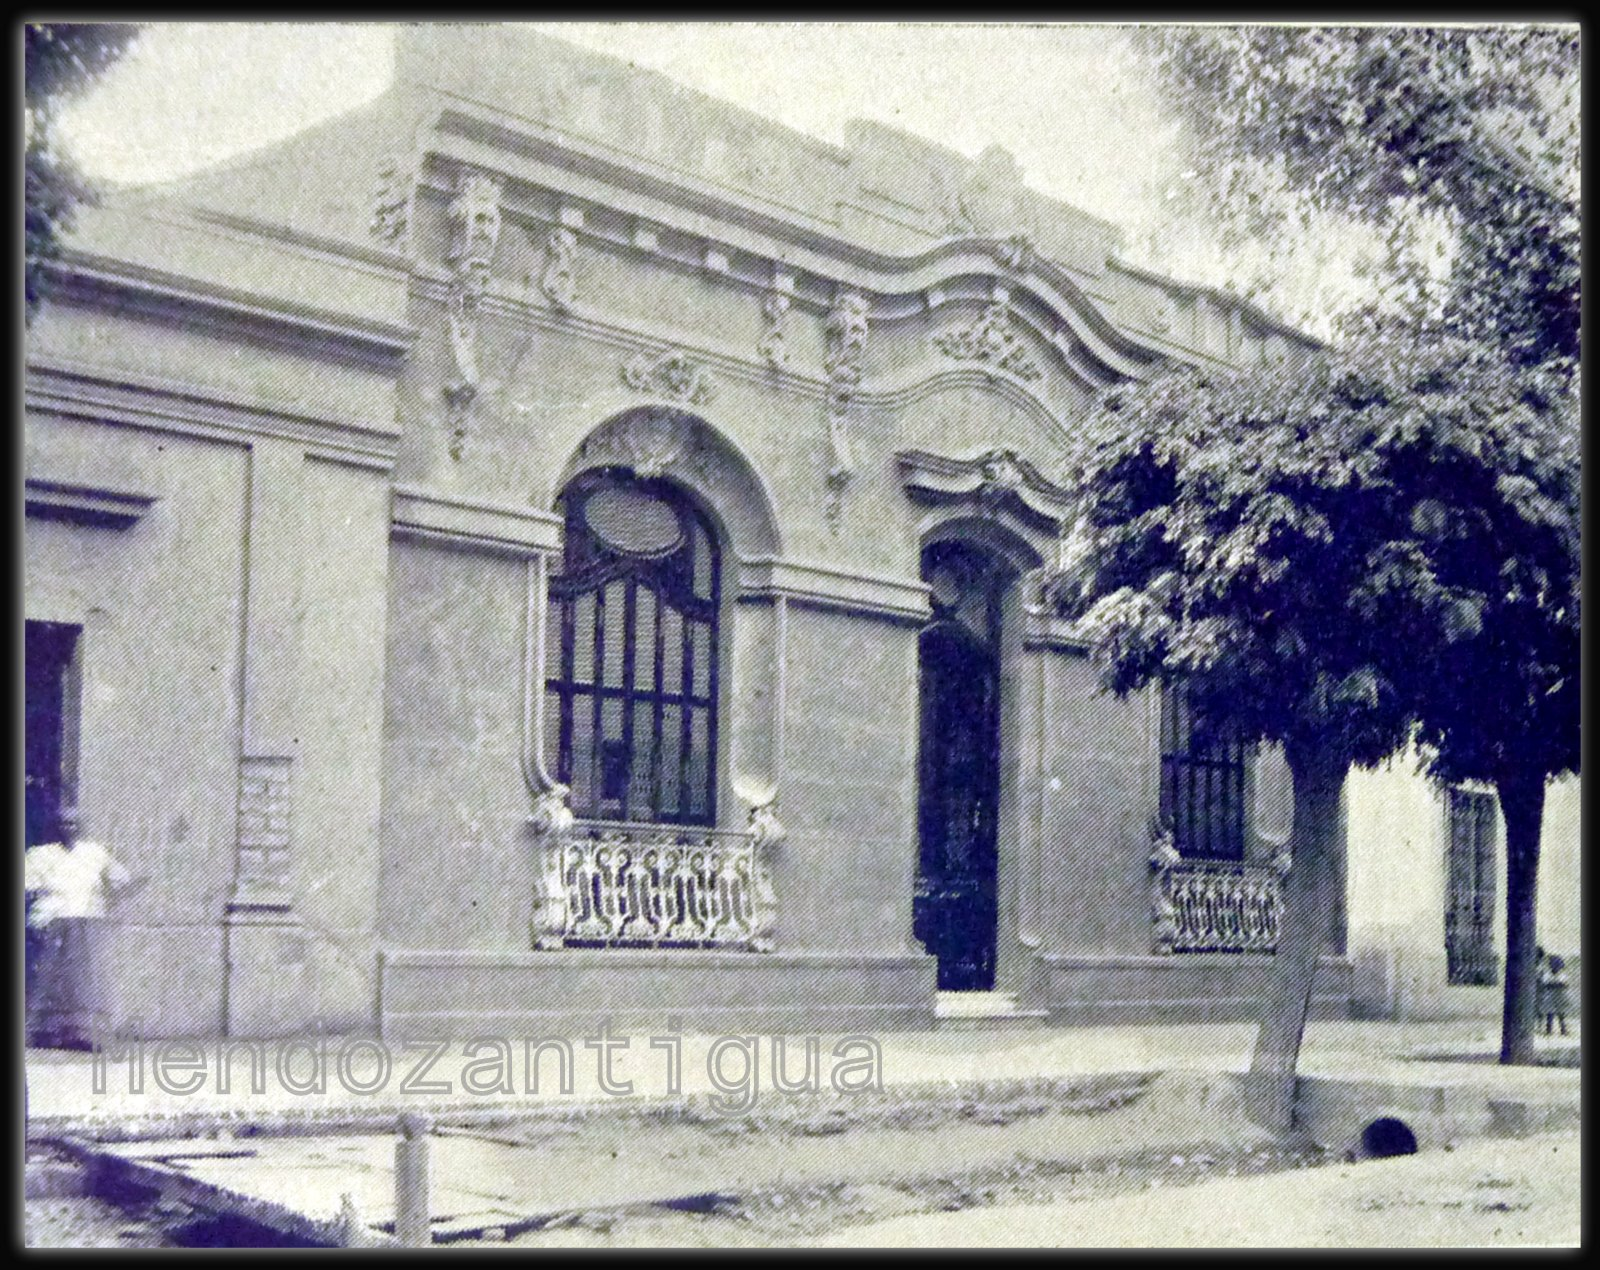 Casas En Mendoza A Principios Del Siglo XX. Residencia Del